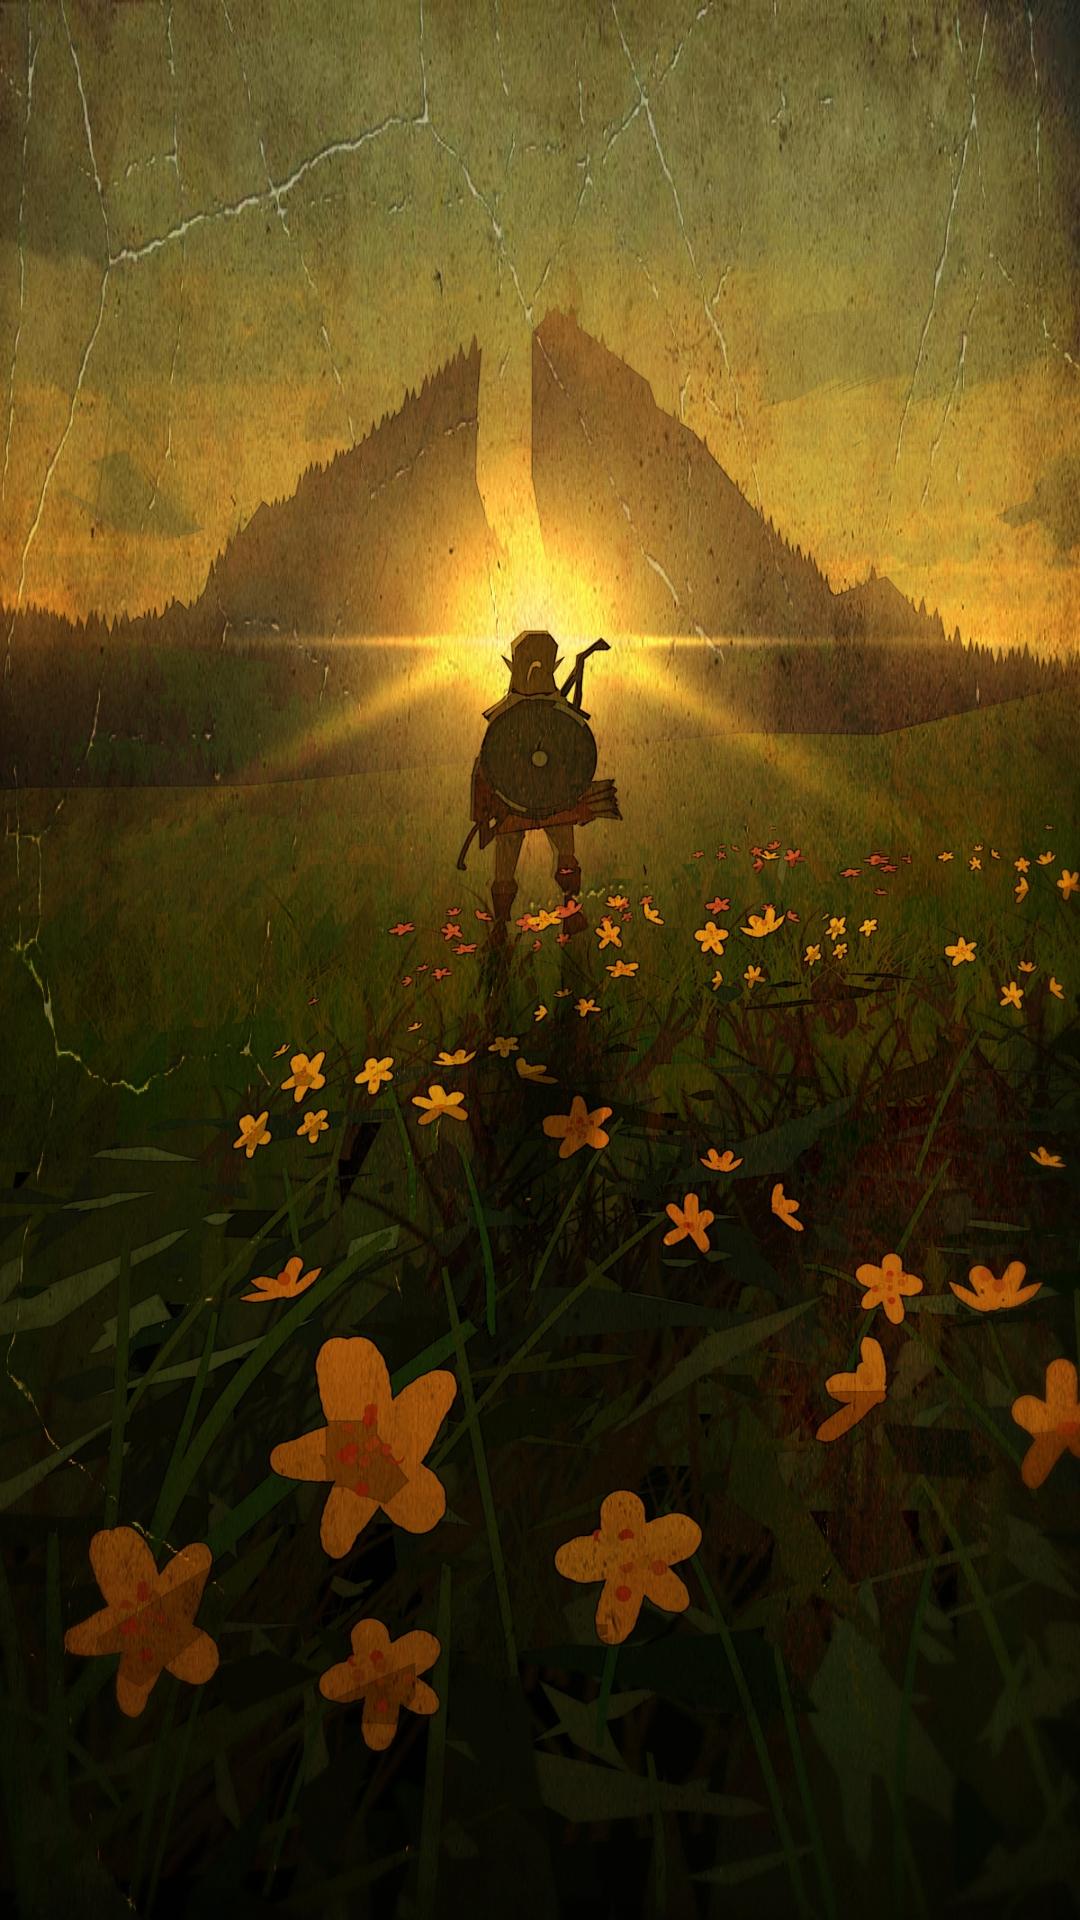 Legend Of Zelda Phone Wallpaper Hd 1080x1920 Heroscreen Cool Wallpapers